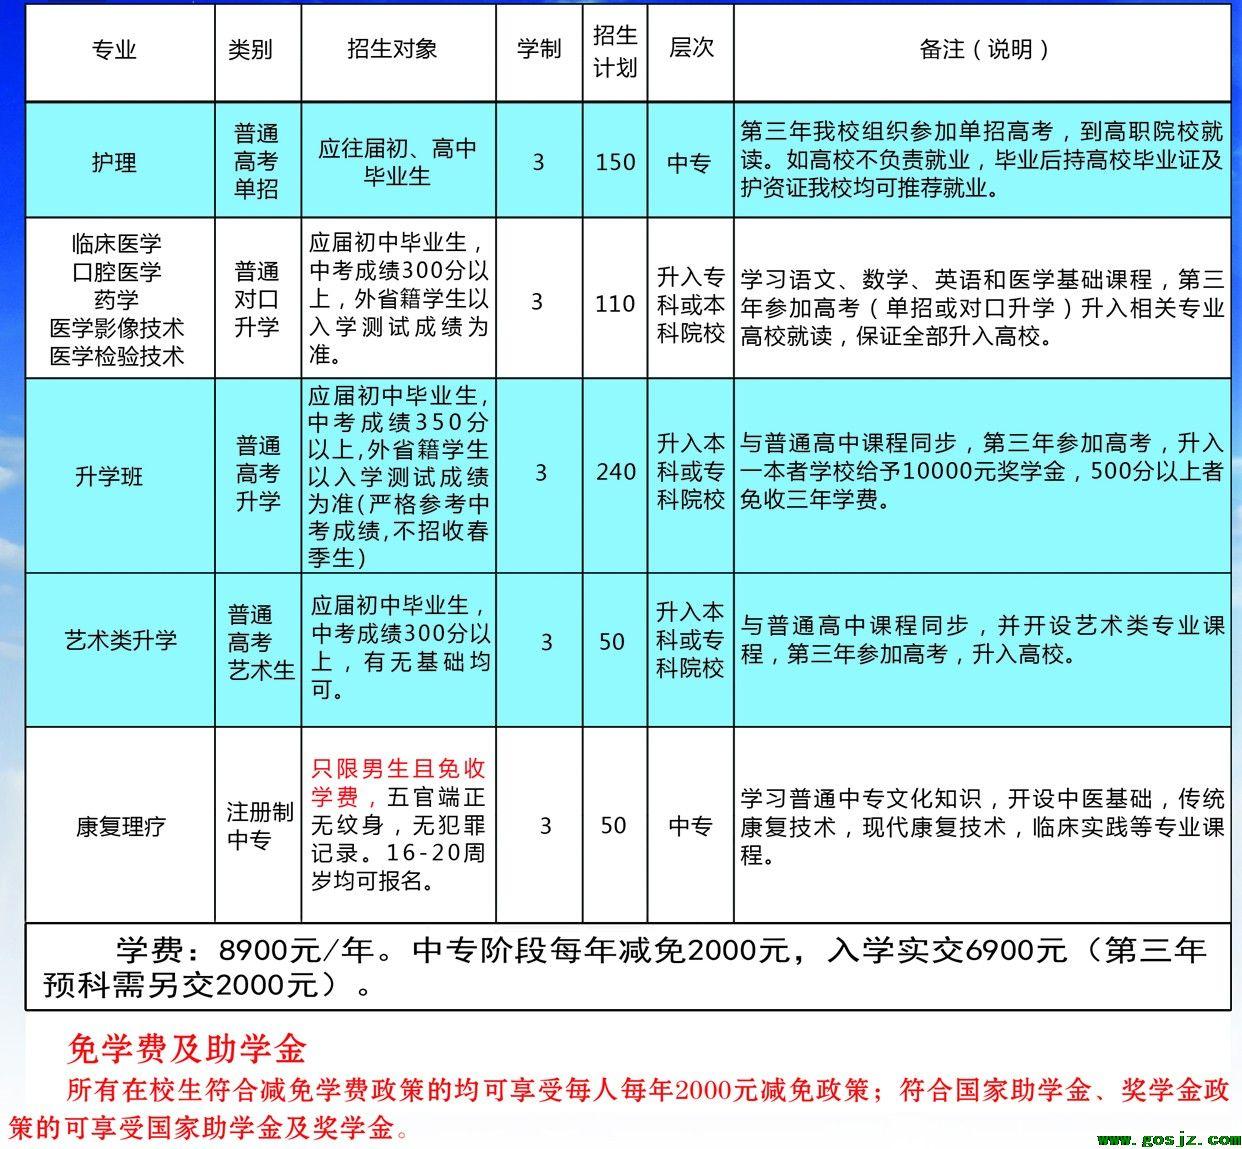 石家庄同济医专专业表.jpg